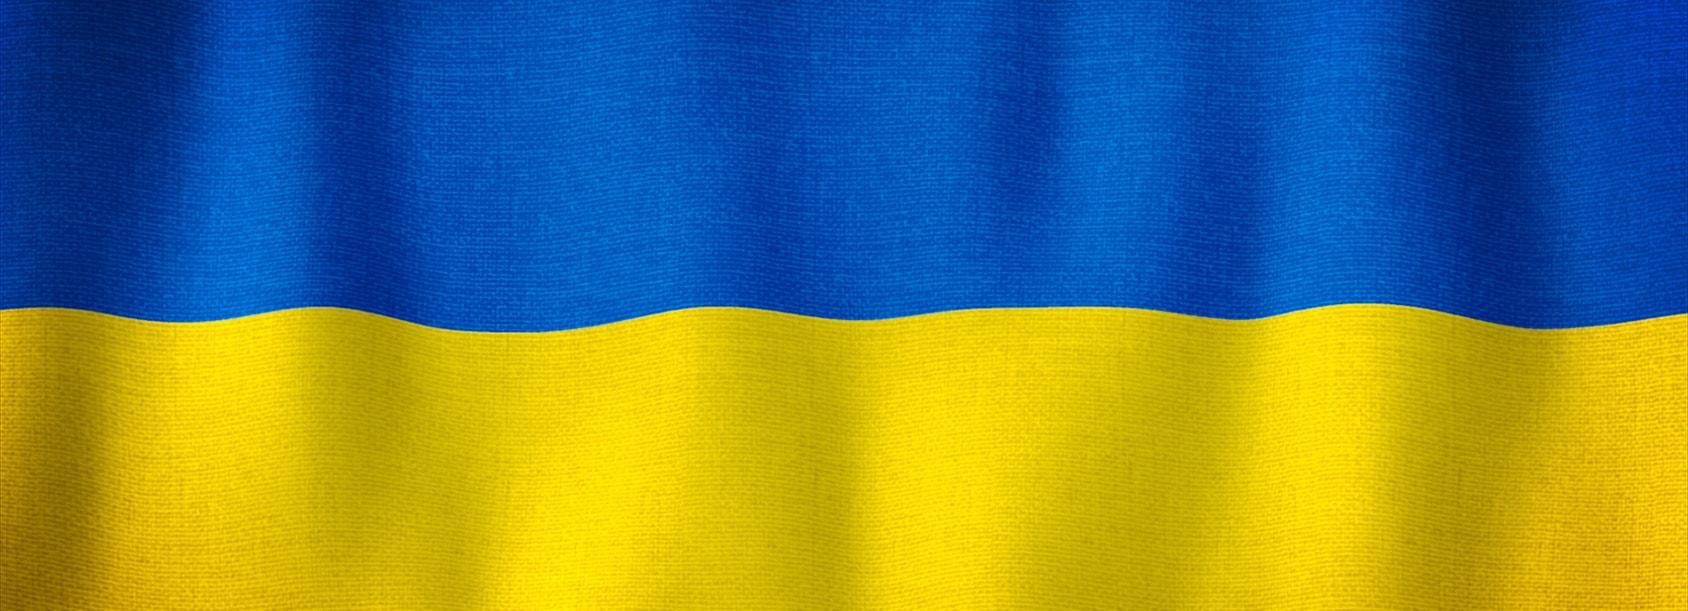 Wynajem mieszkania Ukraińcom – jakie dokumenty i umowy obowiązują w 2020 roku?